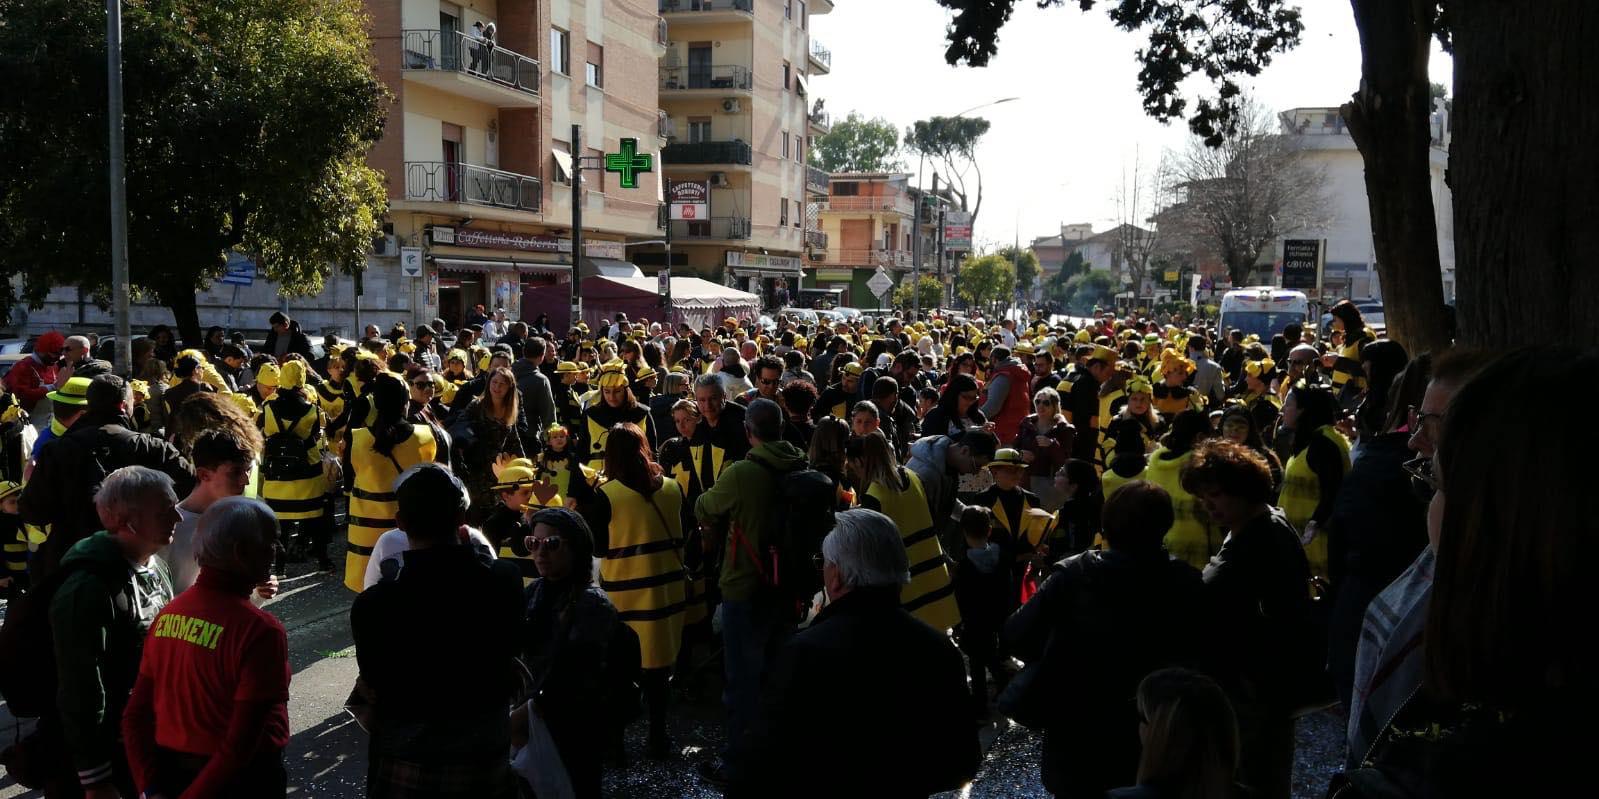 Carnevale 2019 a Guidonia: festa di maschere e allegria